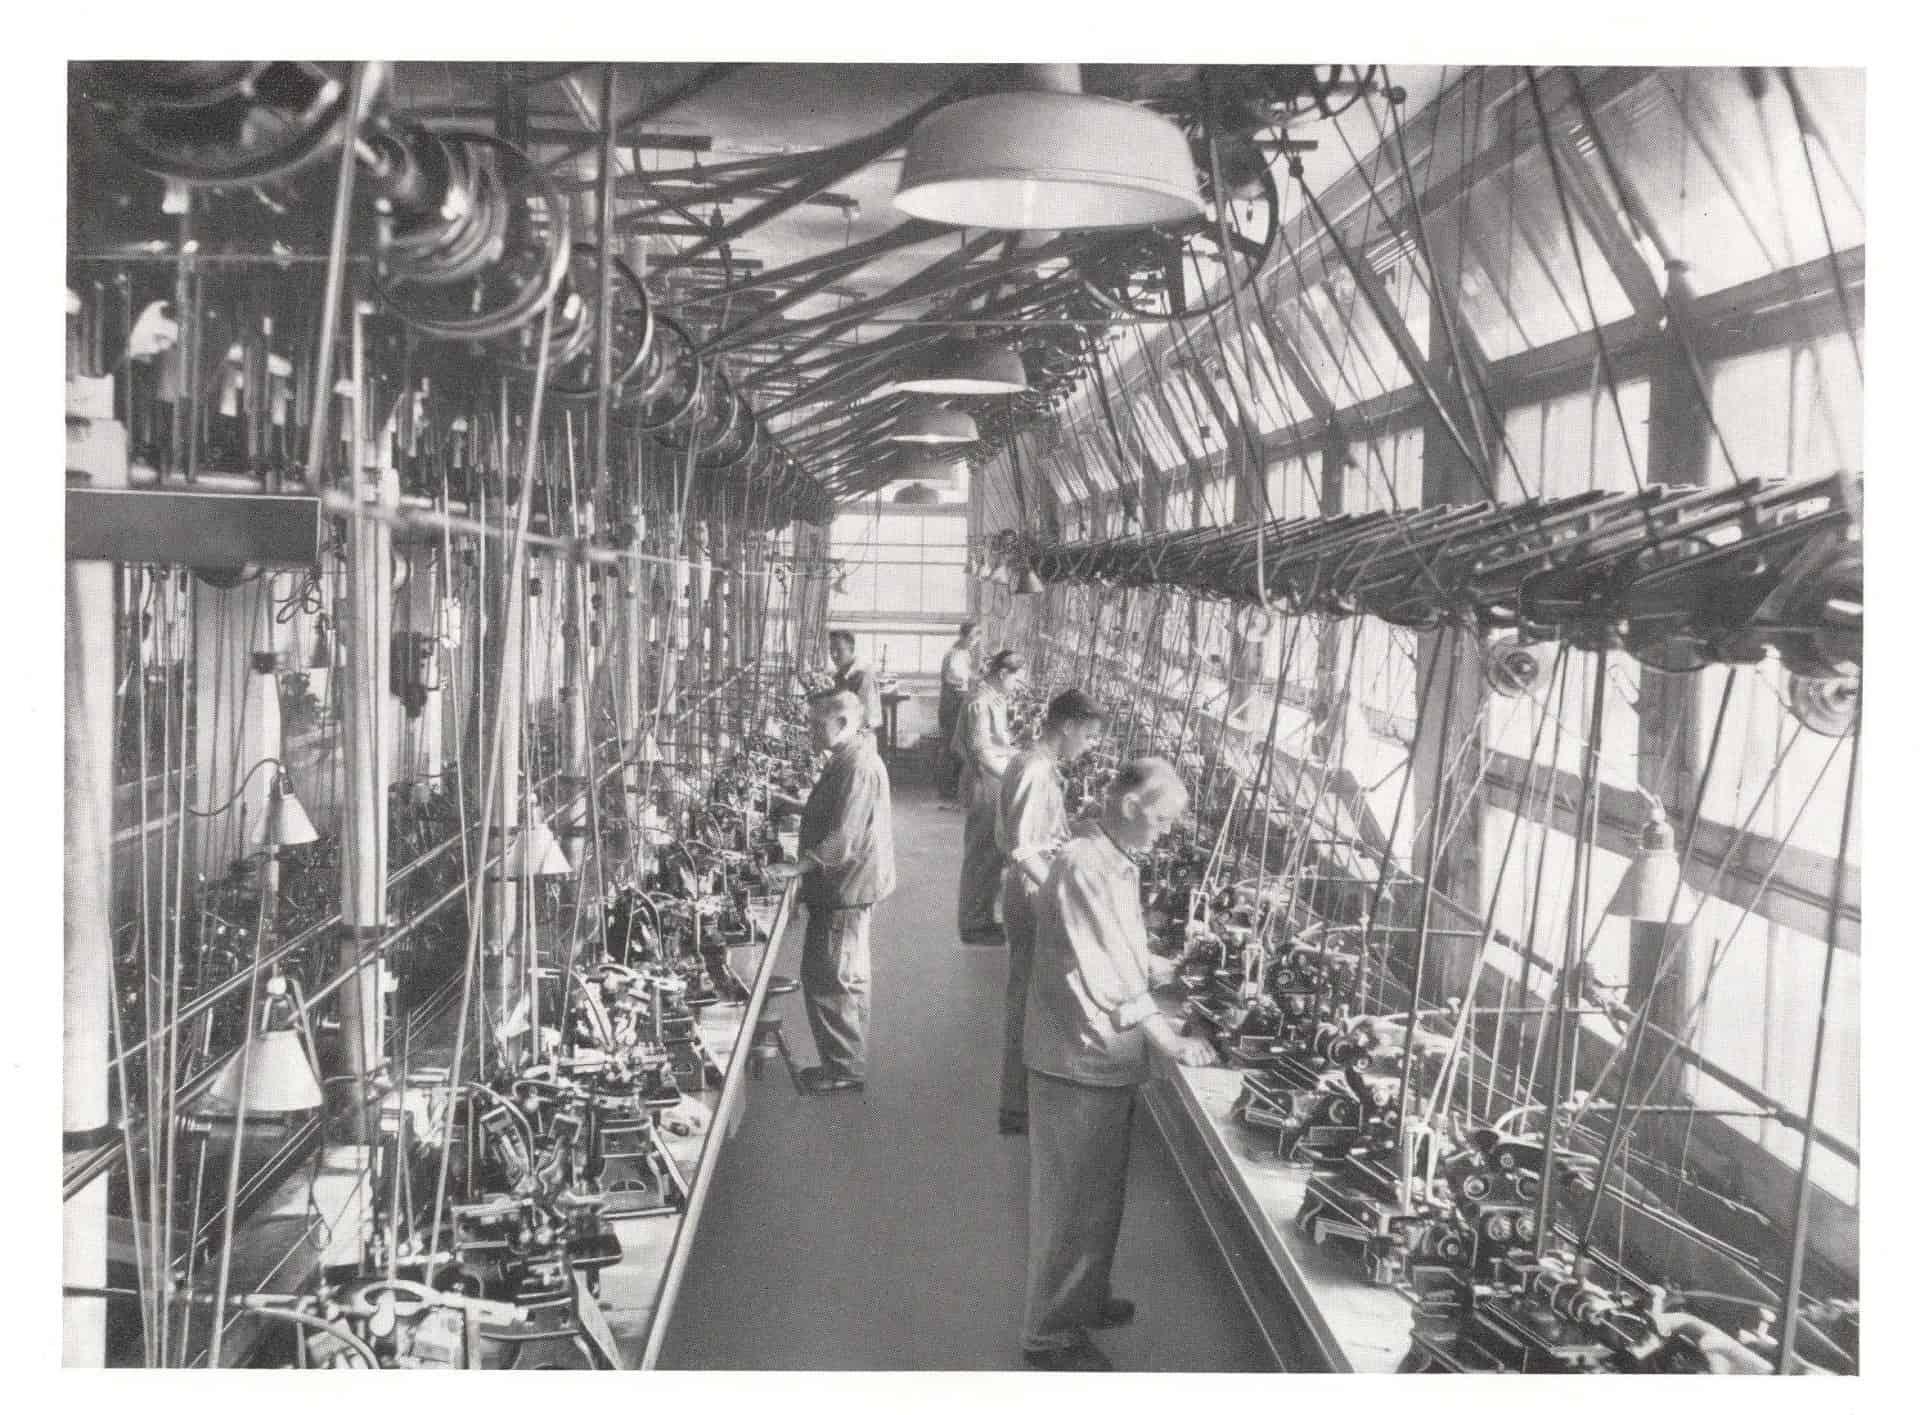 Die industrielle Rohwerkproduktion in der Uhrenindustrie